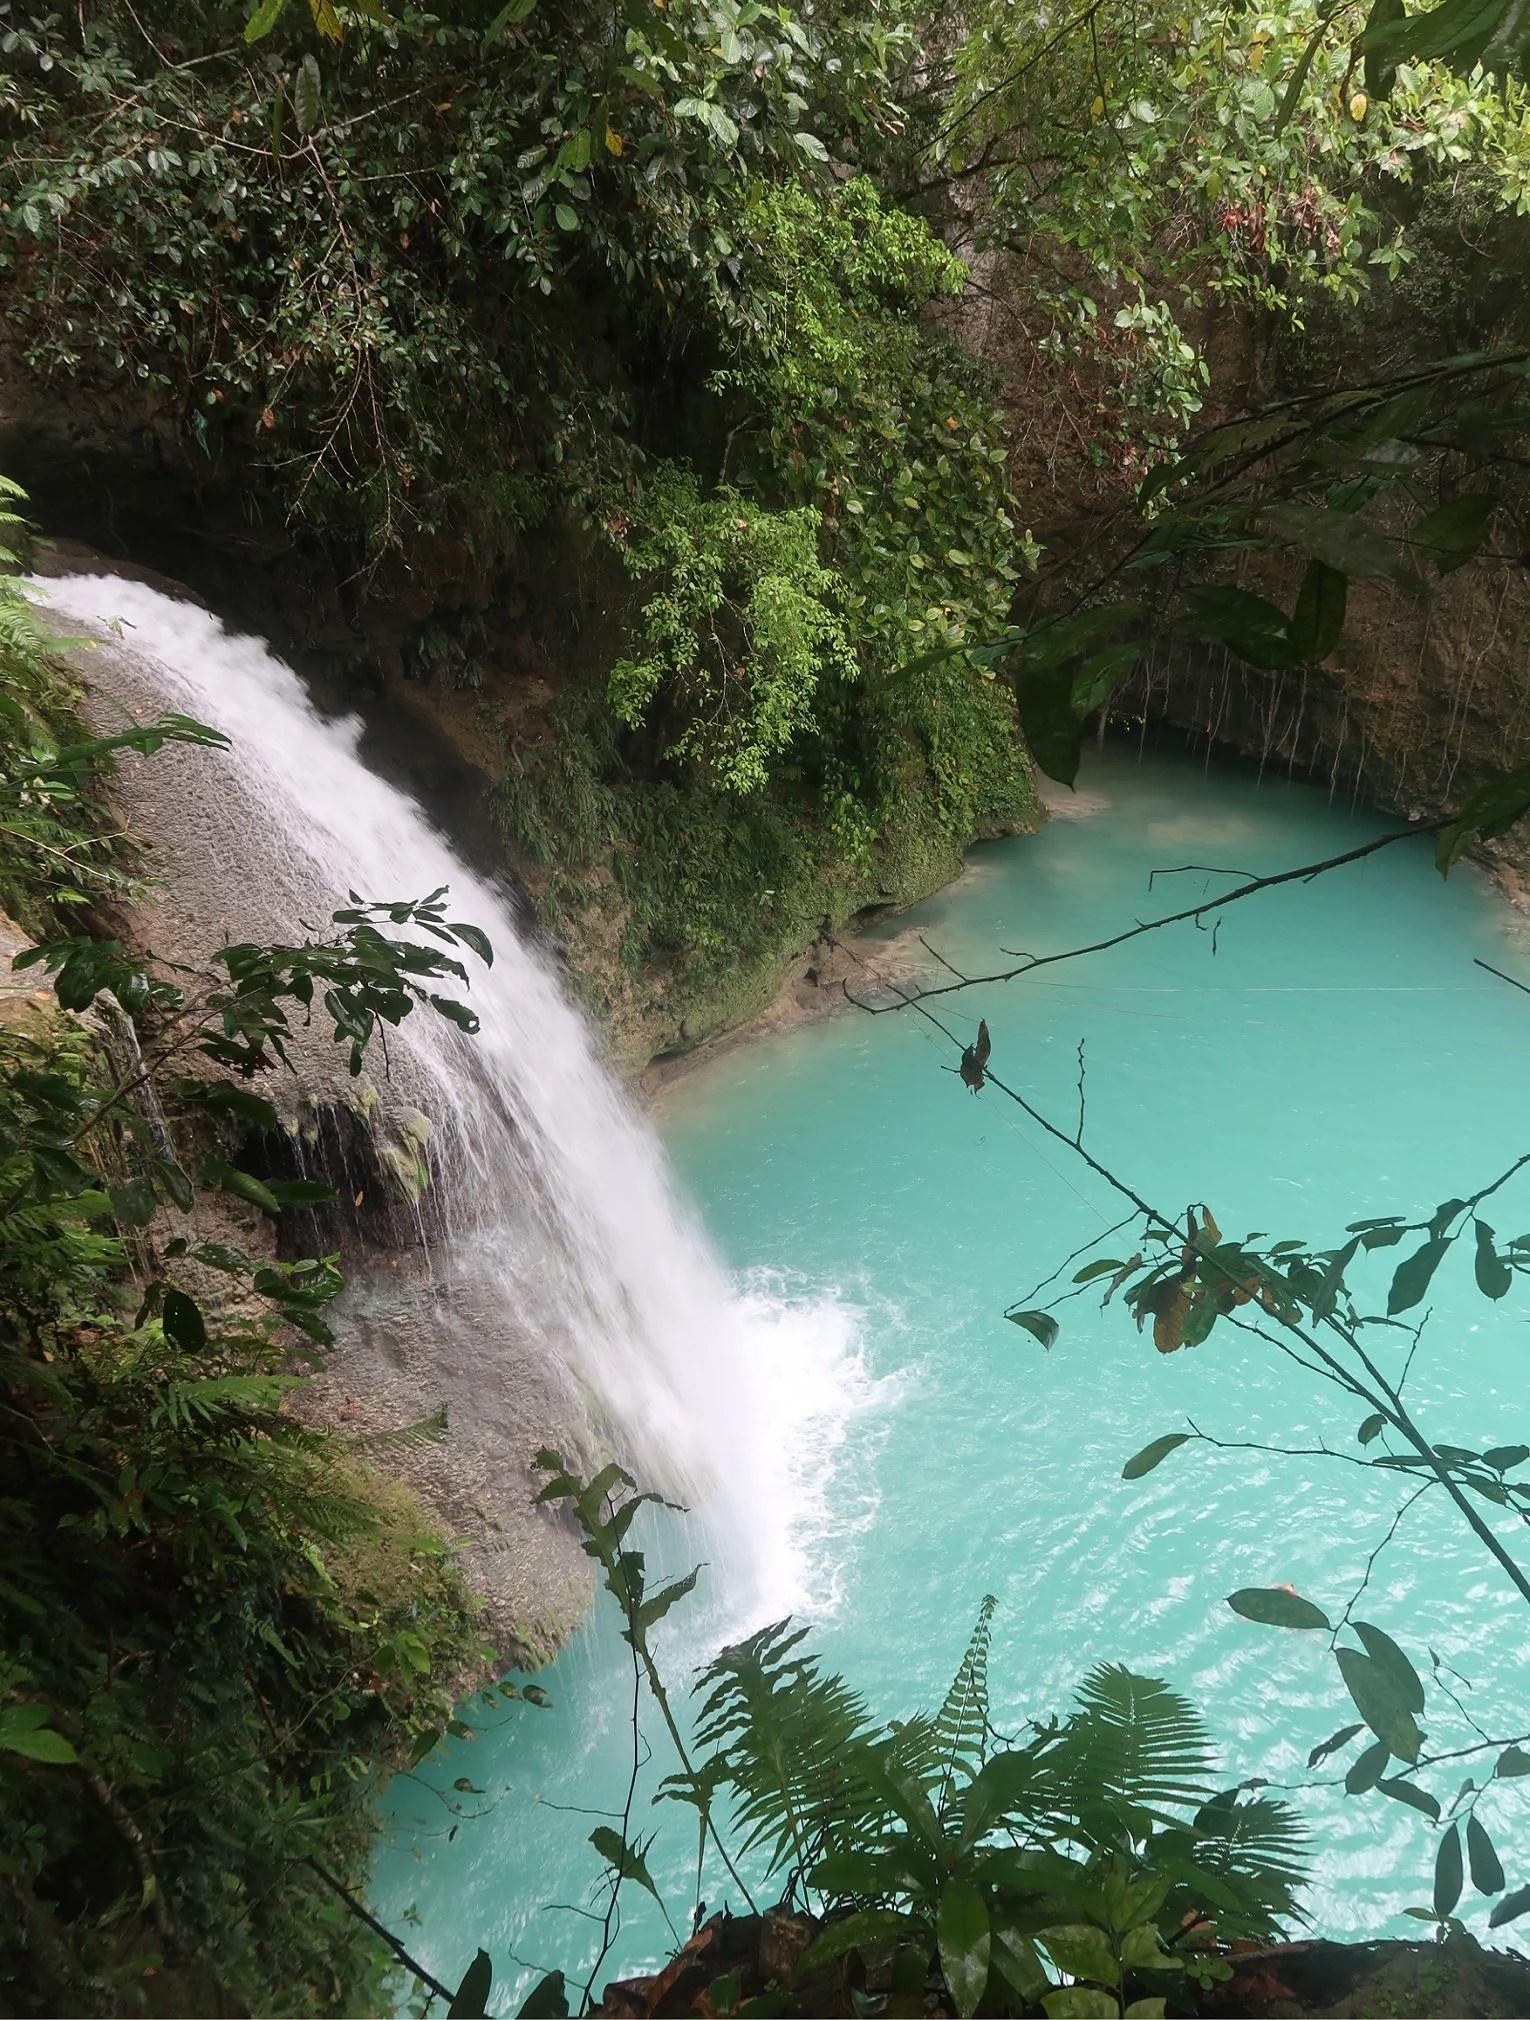 Kawasan Falls -  Filippinerna